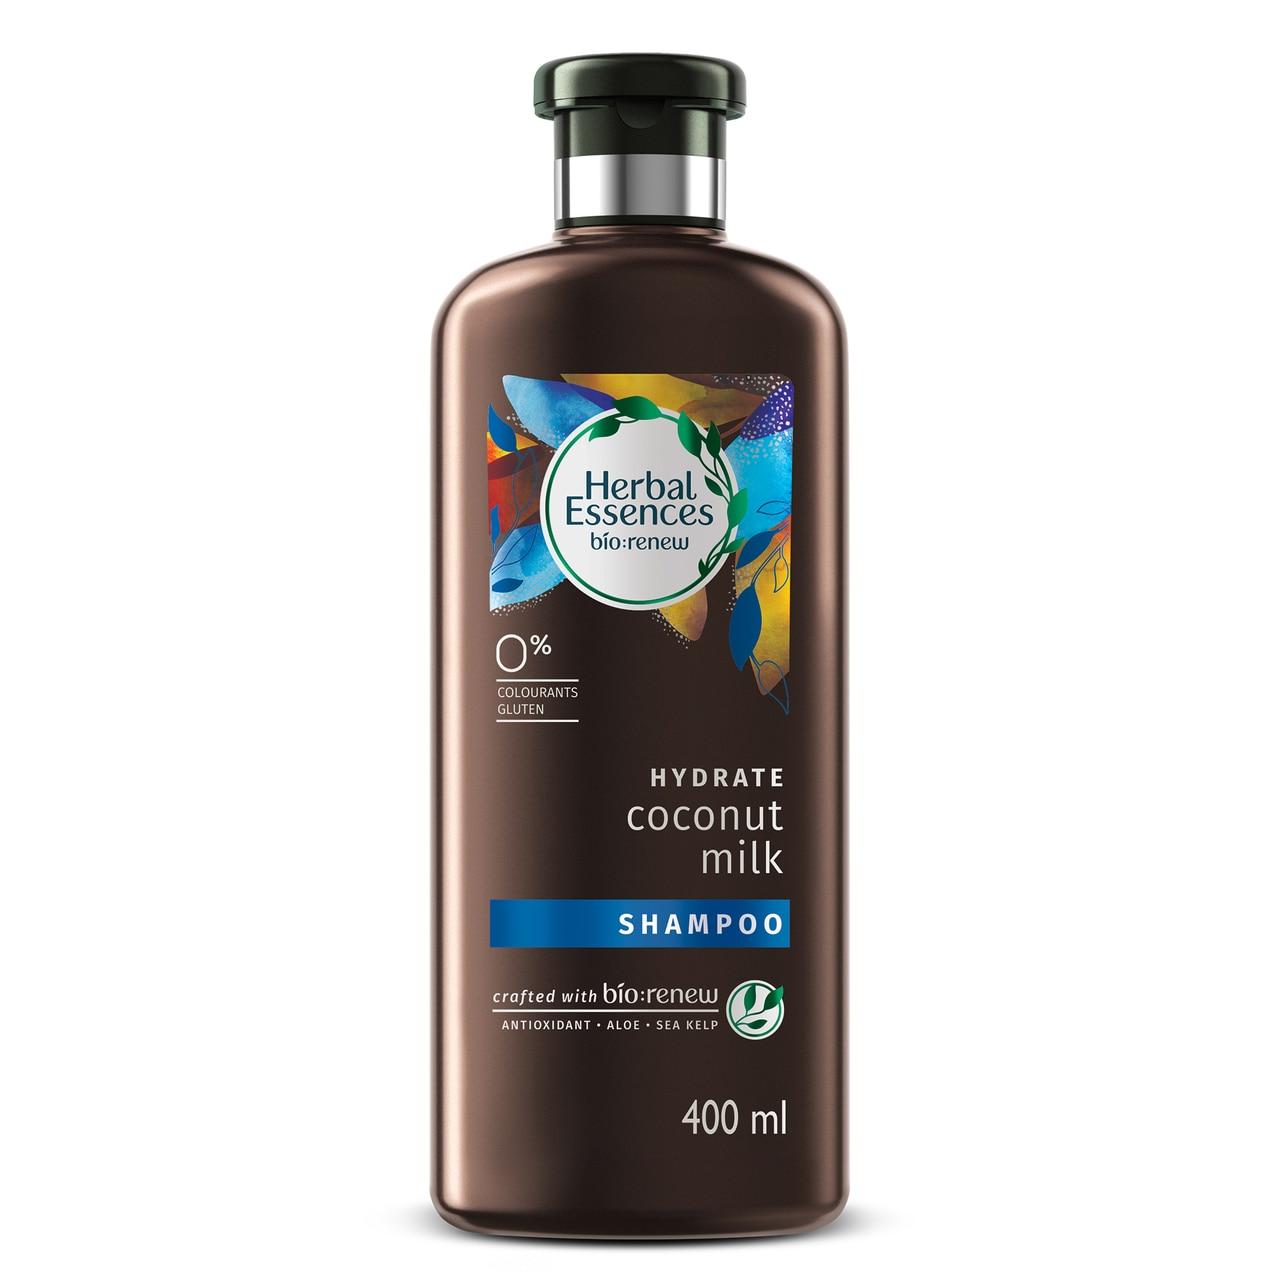 Herbal Essences Bio:Renew Coconut Milk Shampoo_400M | No Parabens No Colourants